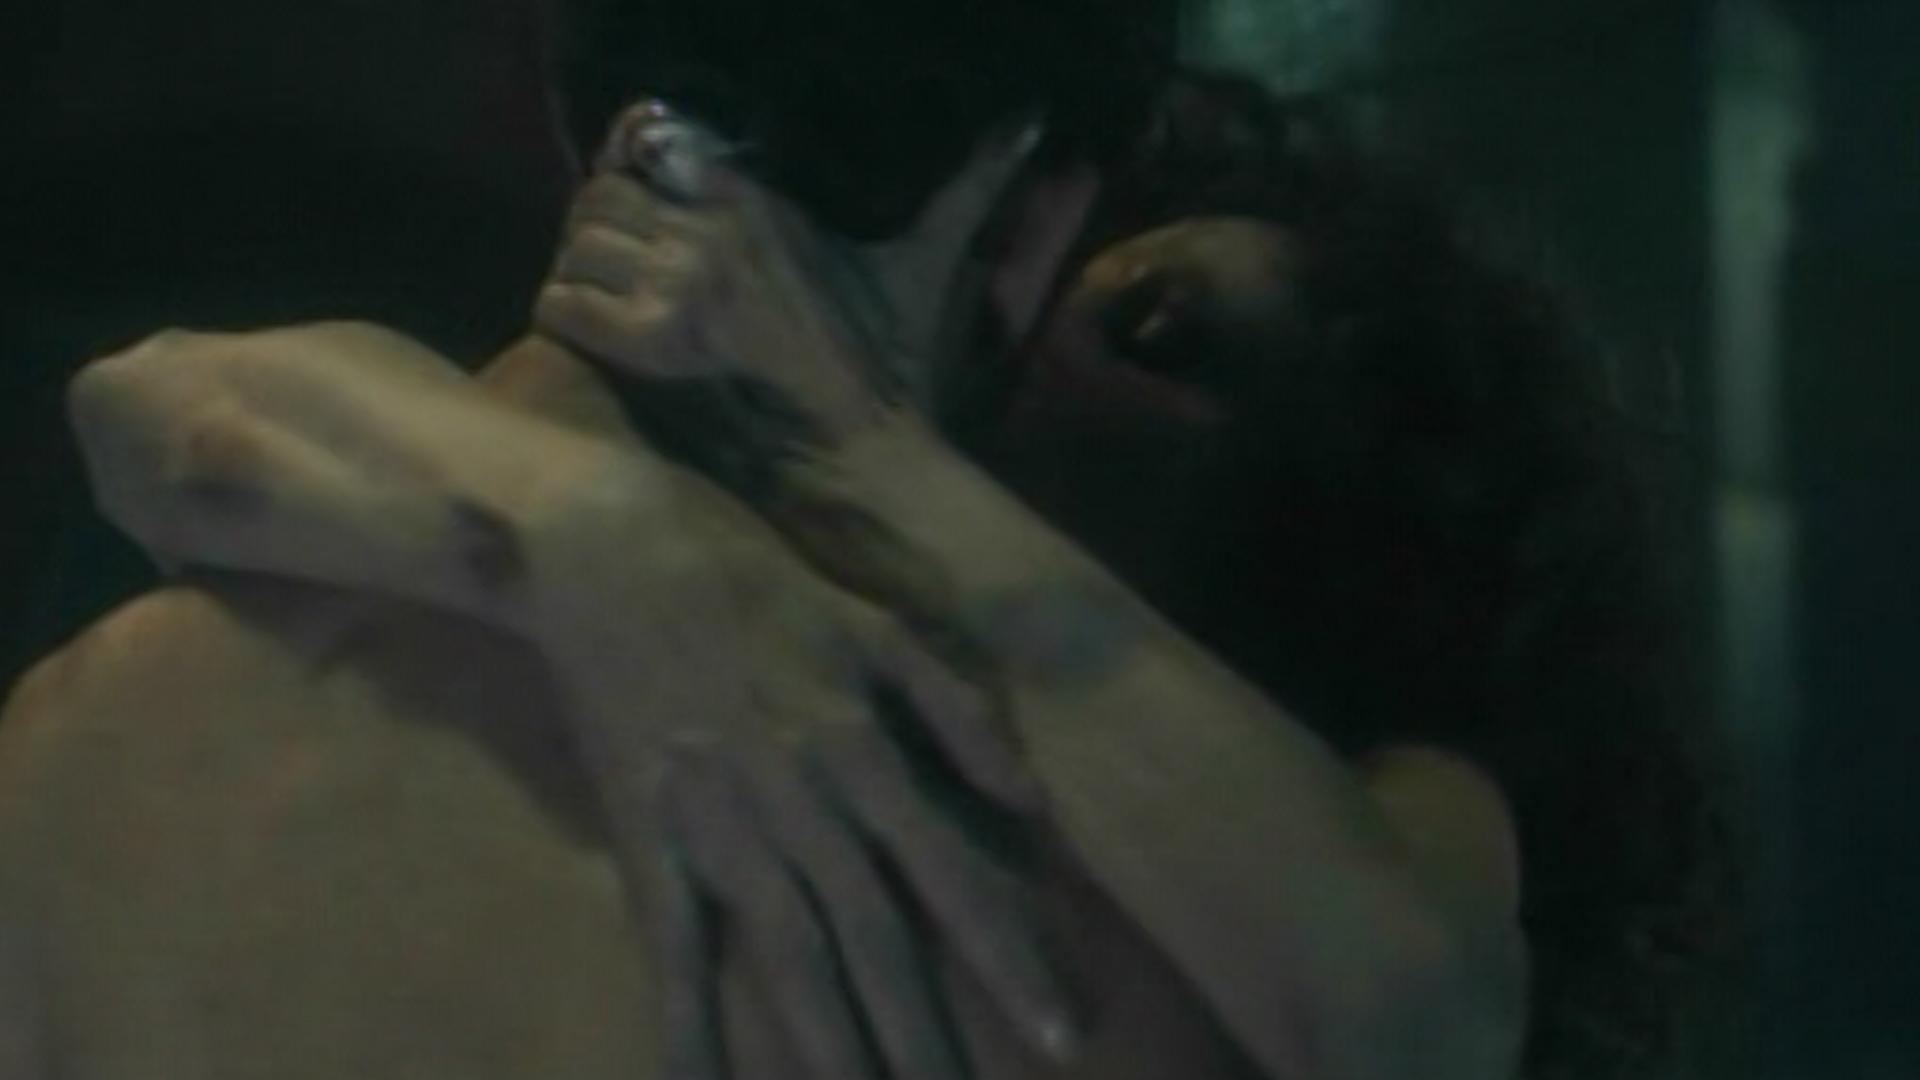 """Amores Perros Escenas Hot con una fuerte escena de sexo y asesinato comenzó """"morir de"""